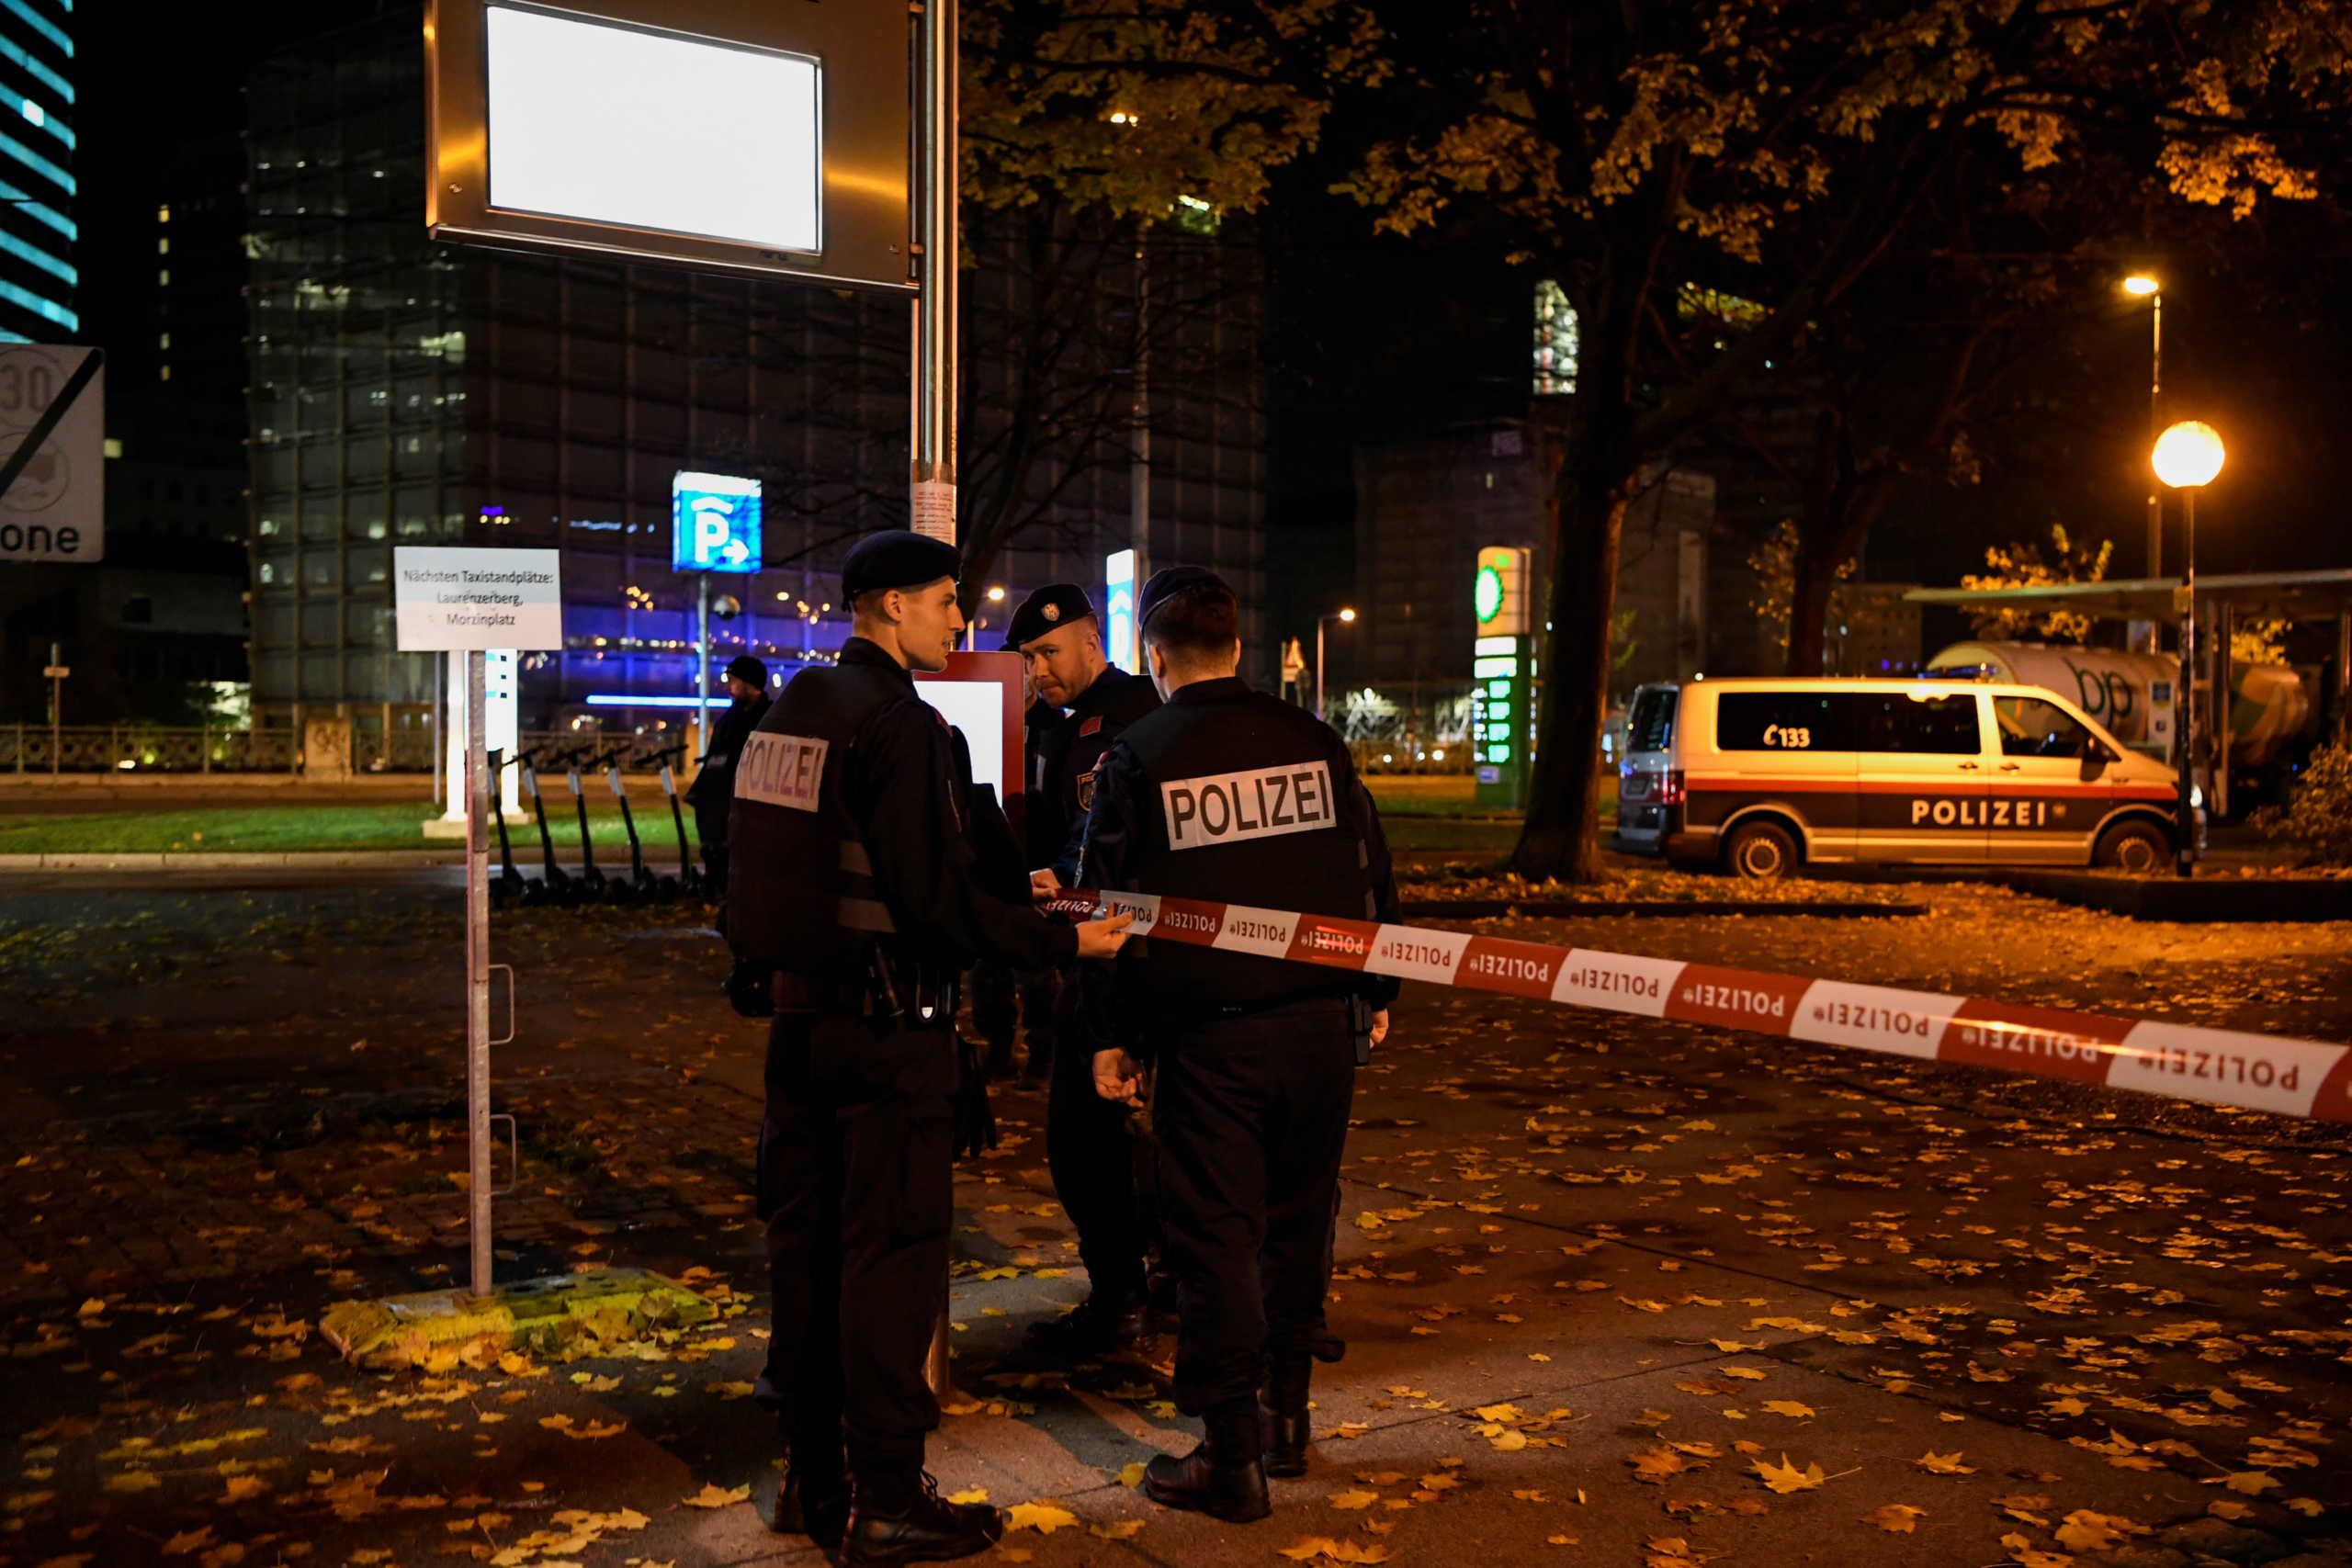 Βιέννη: 4 νεκροί από την τρομοκρατική επίθεση – Ισλαμιστής ο νεκρός δράστης, διαφεύγει ένας